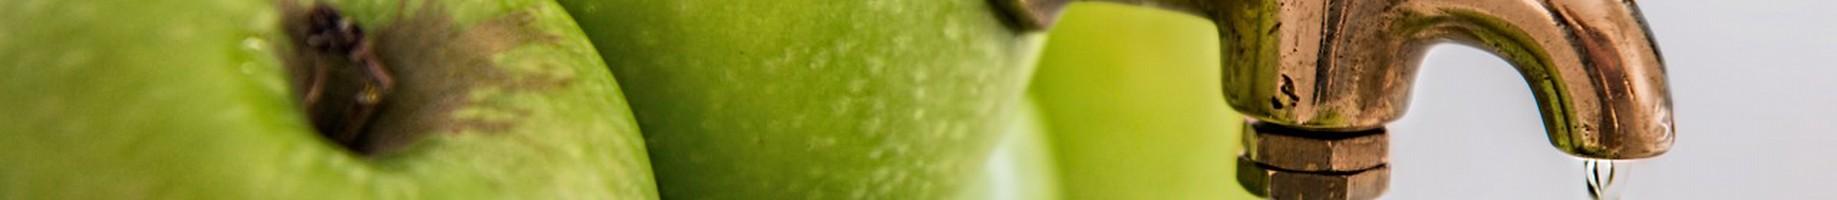 apple-juice-1055331_1280